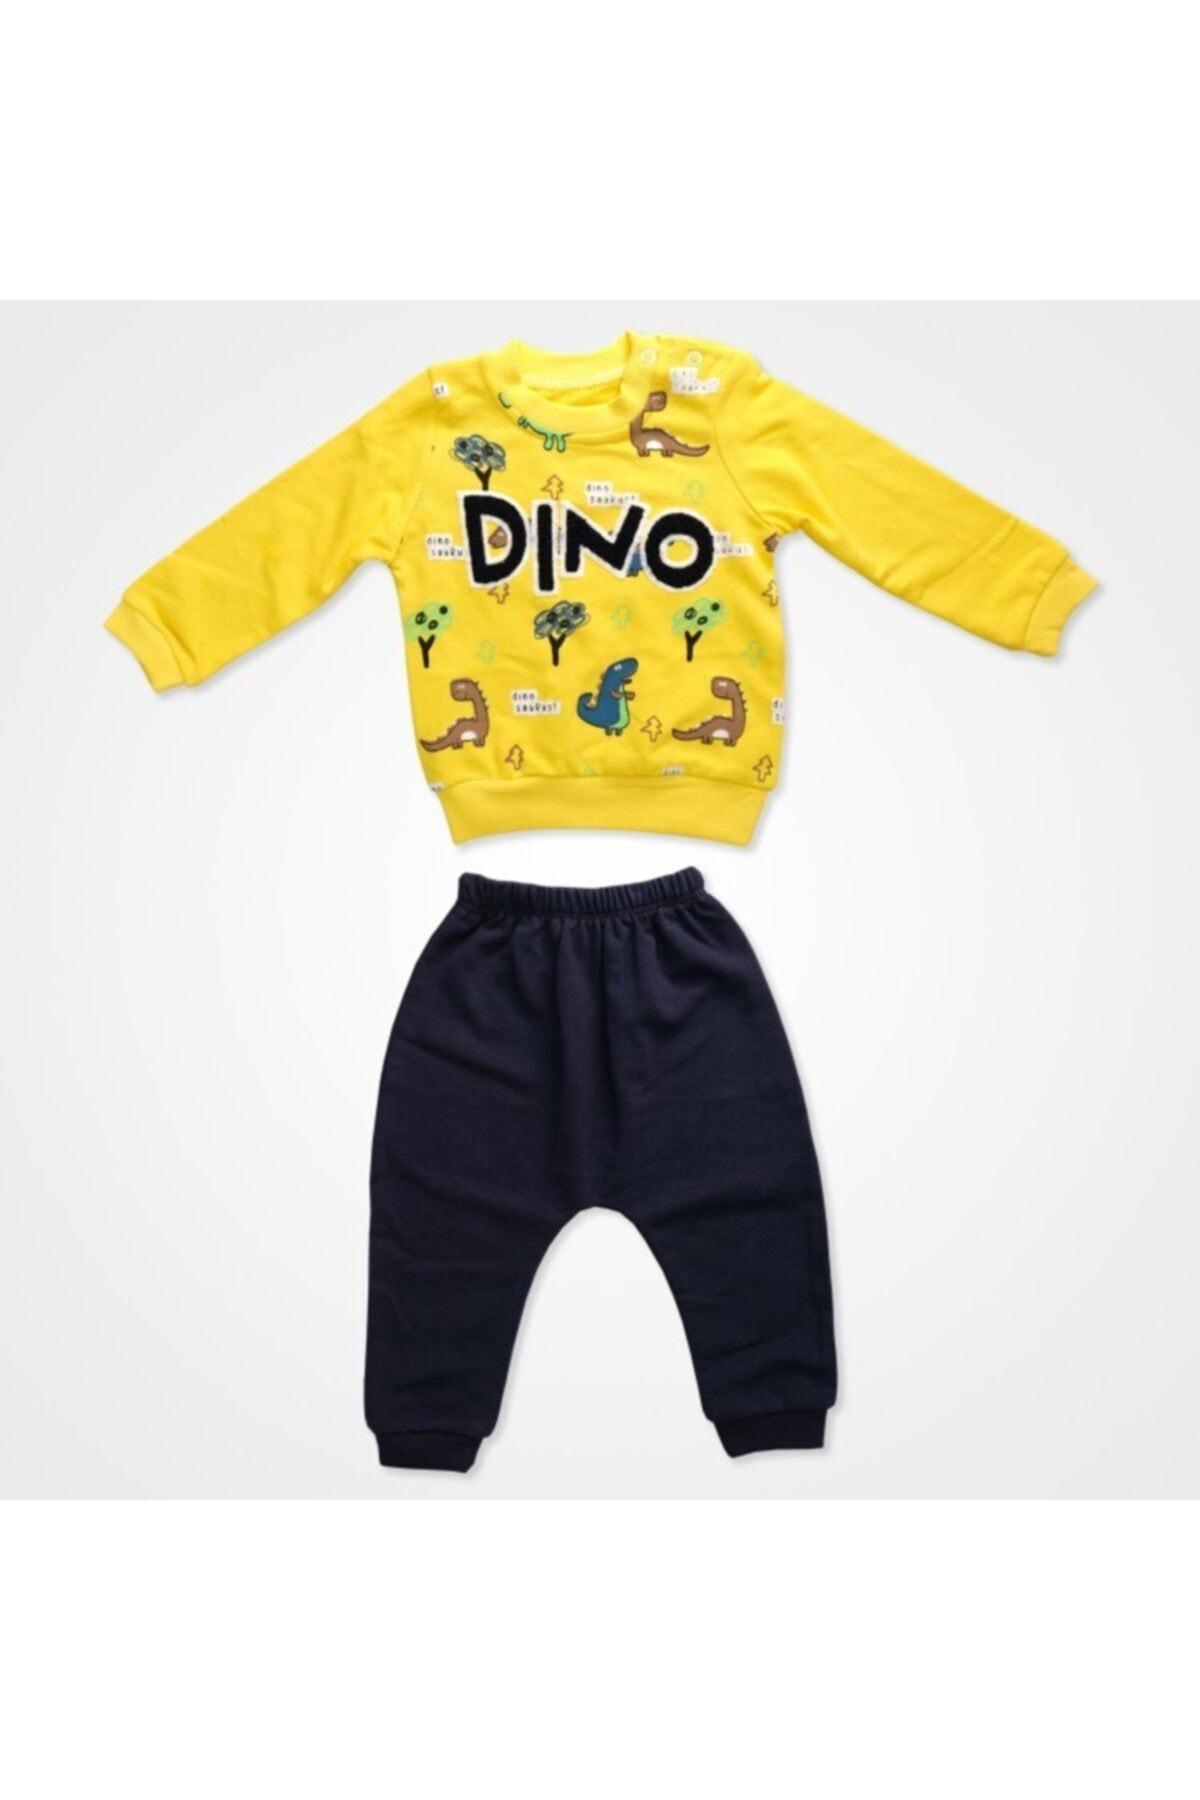 anılço Erkek Bebek Dino Baskılı Eşofman Takım -sarı- 1